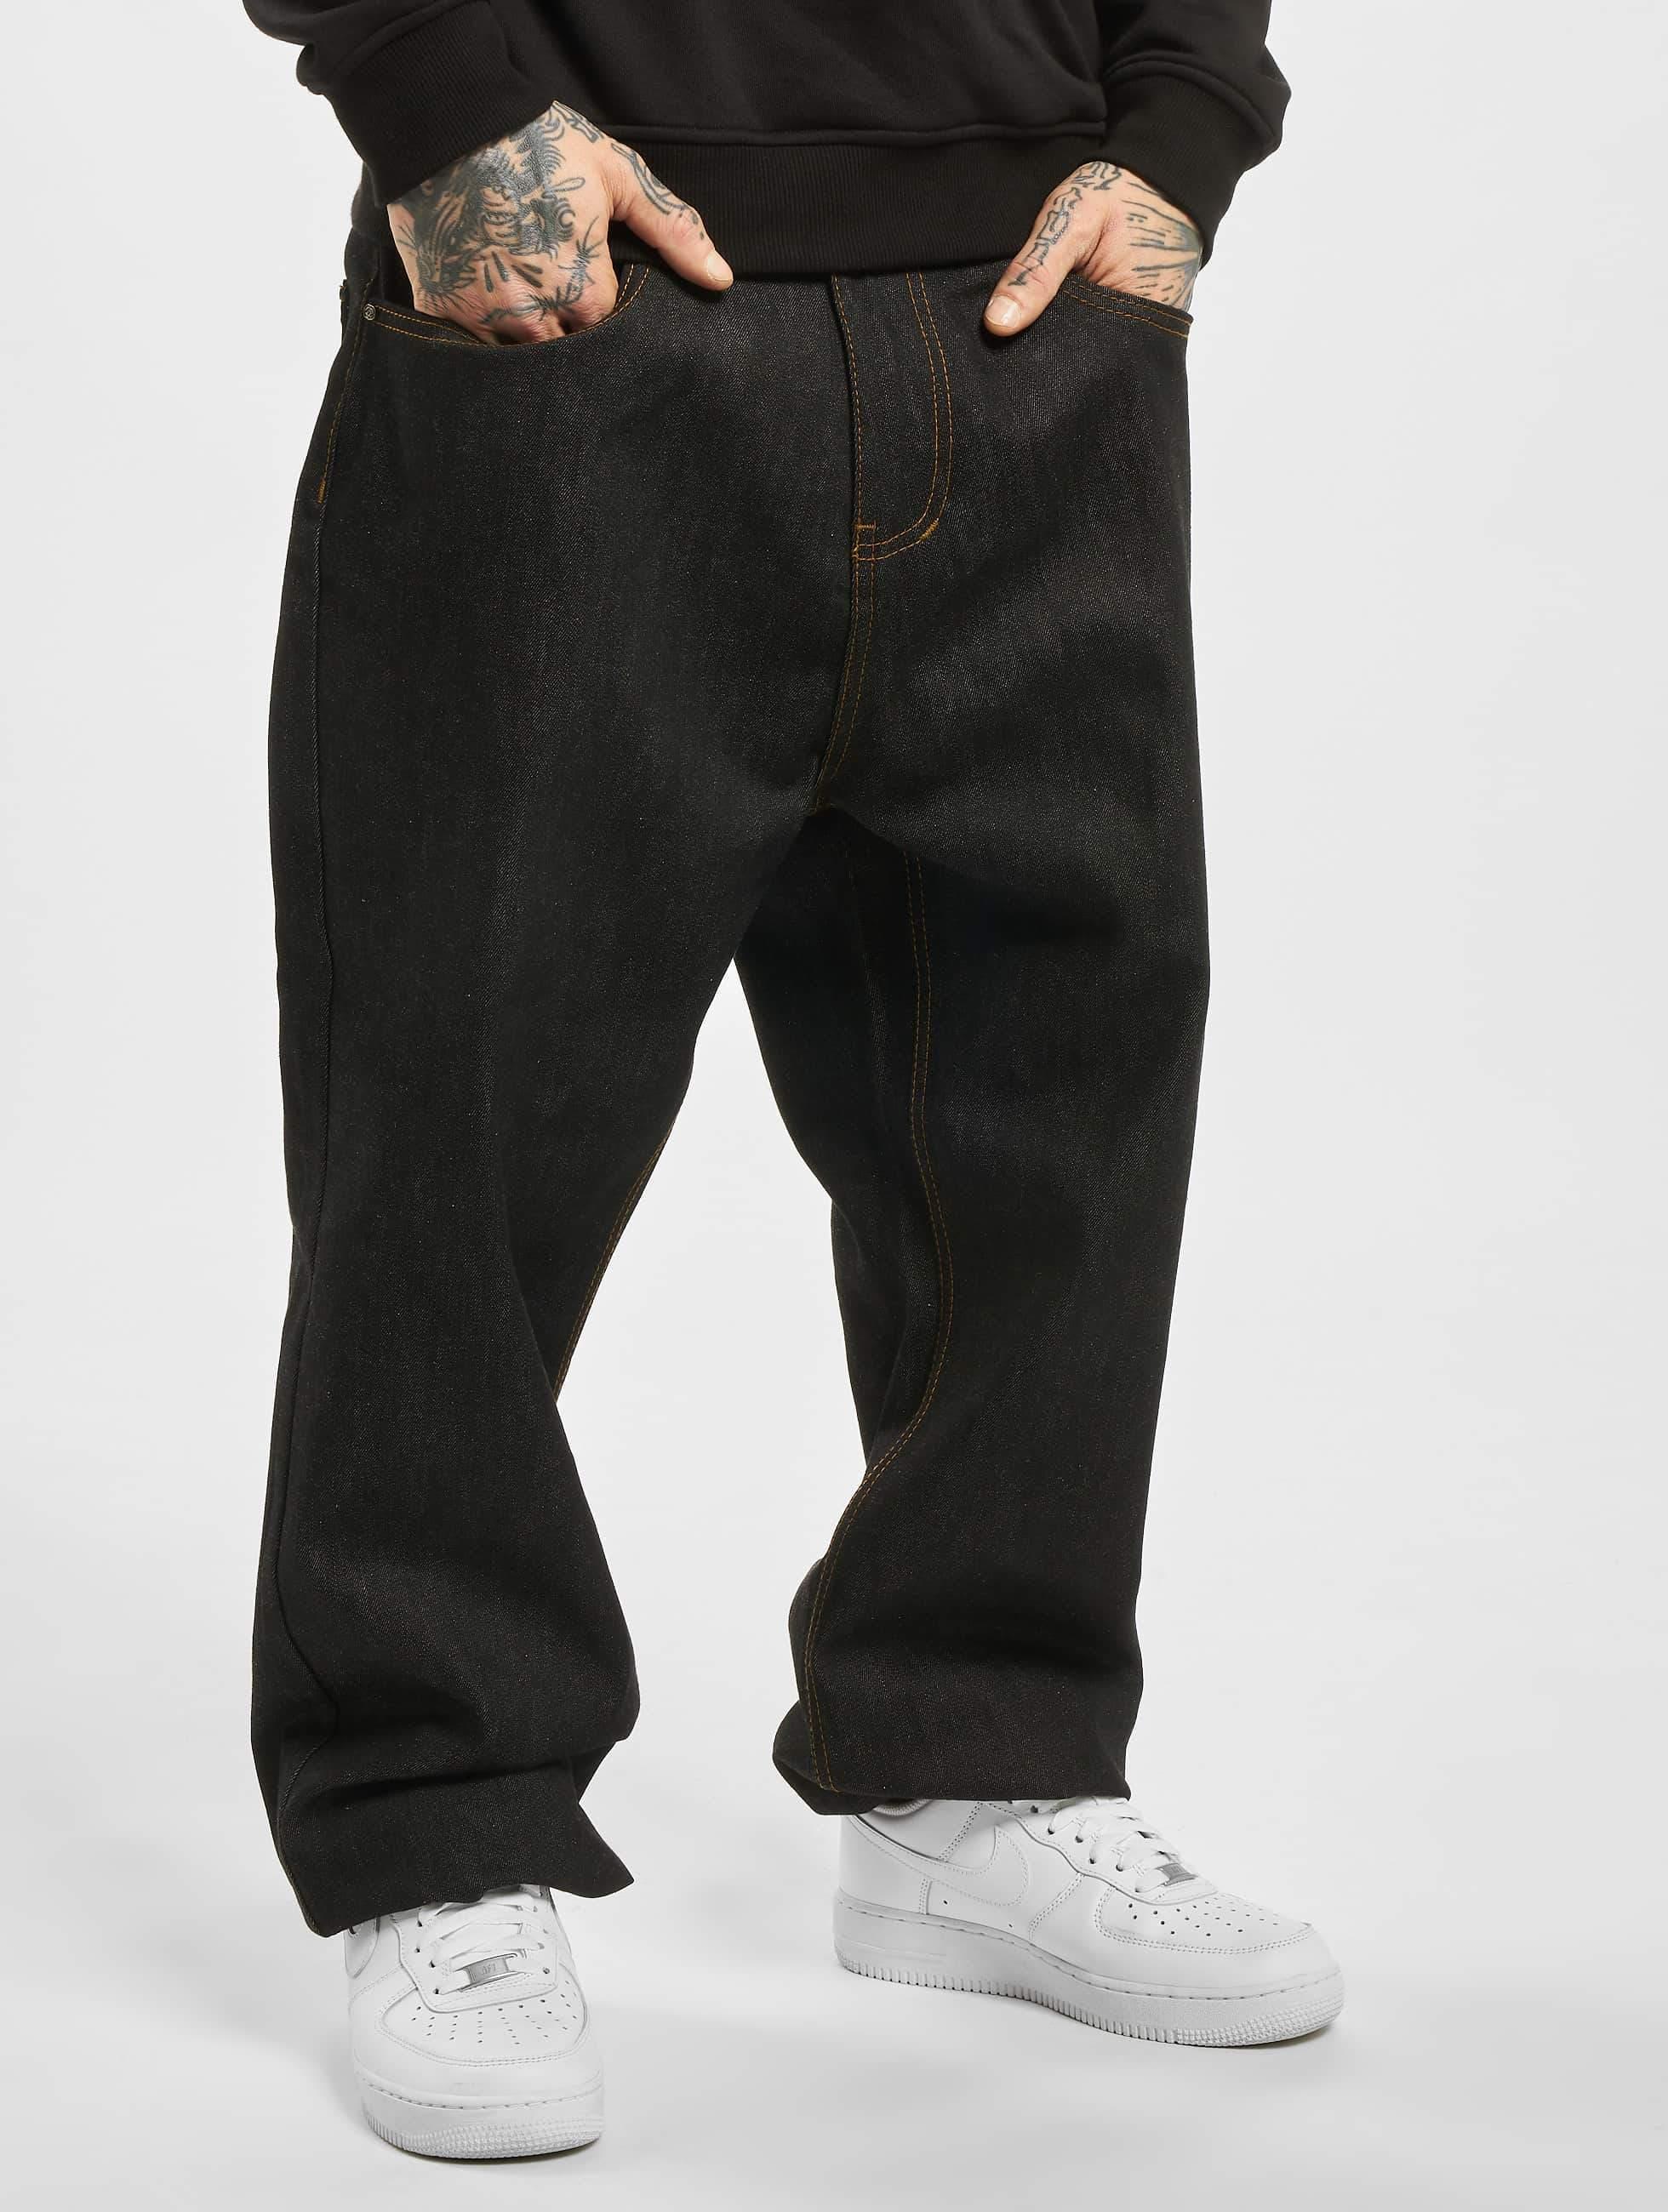 Ecko Unltd. / Baggy Fat Bro in black W 46 L 34